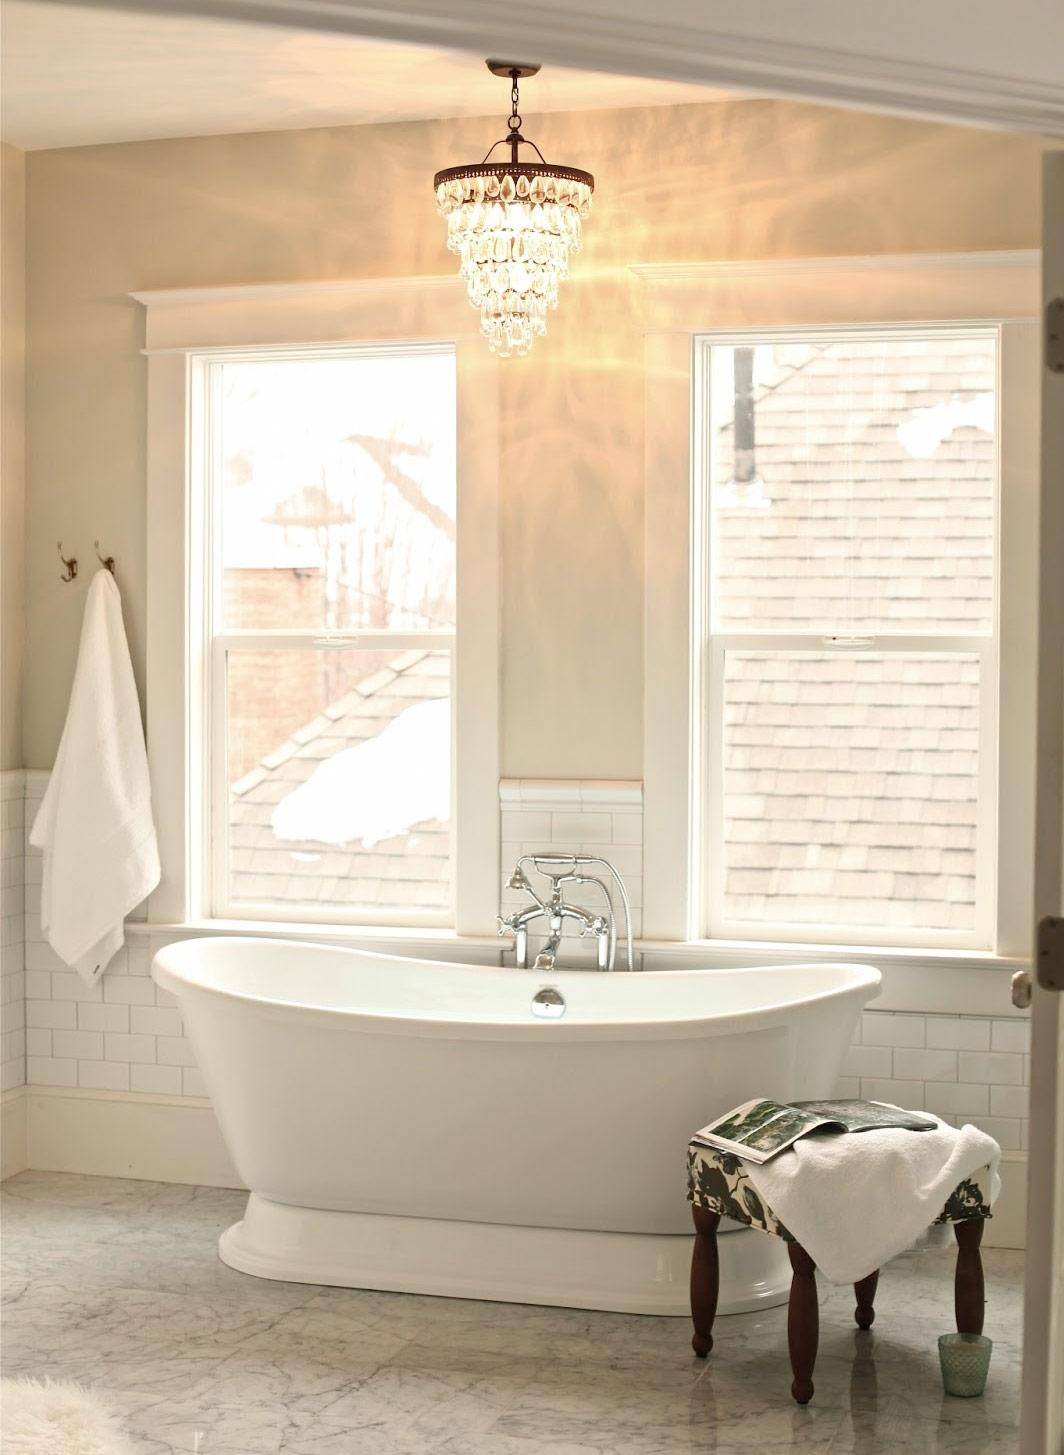 Preferred Chandelier Bathroom Lighting Fixtures Within Vintage Bathroom Lighting Ideas Sconces 1950's Light Fixtures (View 13 of 15)